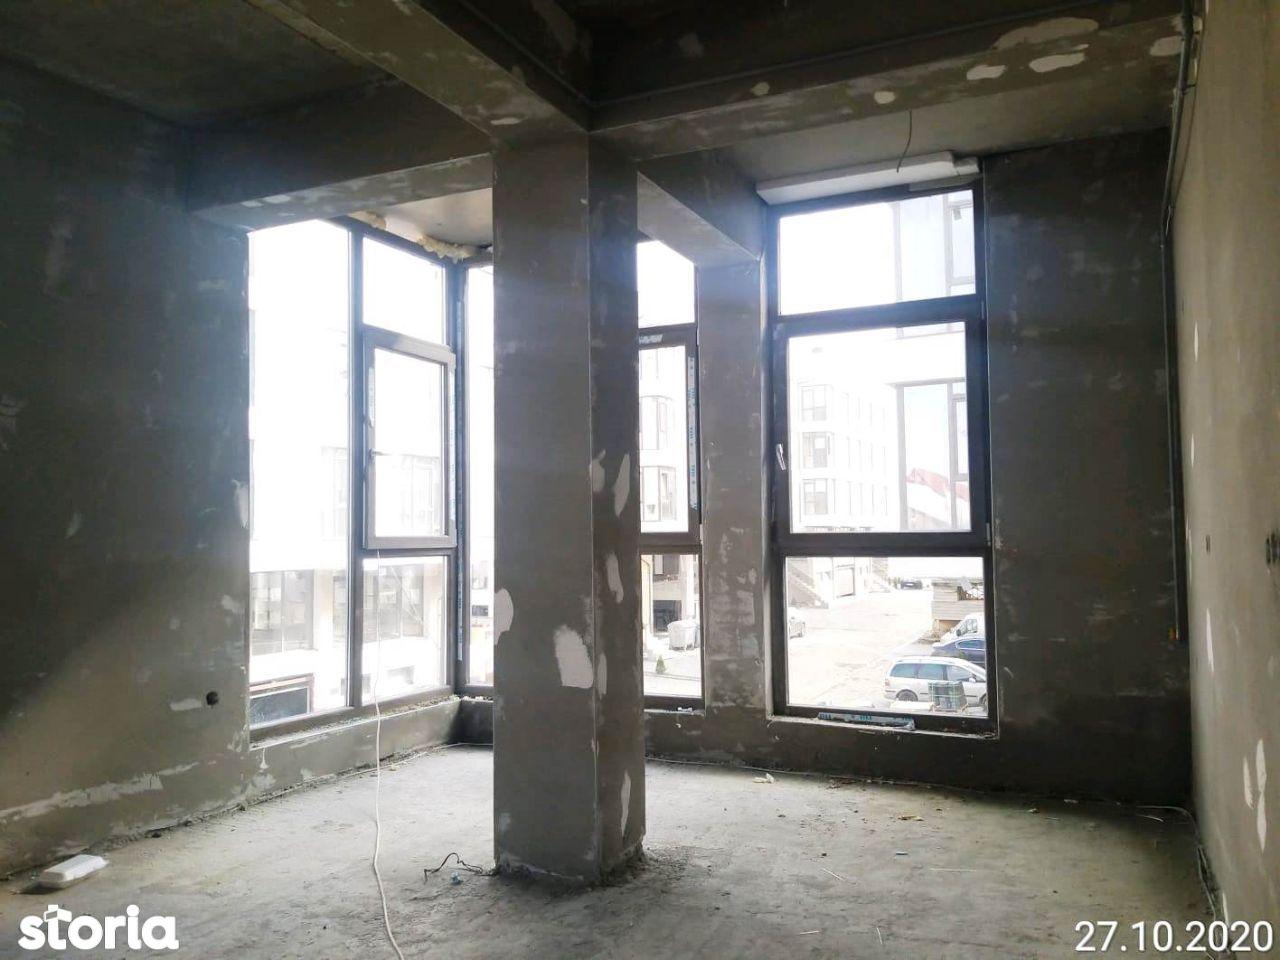 Etaj 2. Apartament 2 camere. str. Doamna Stanca Azure Residence